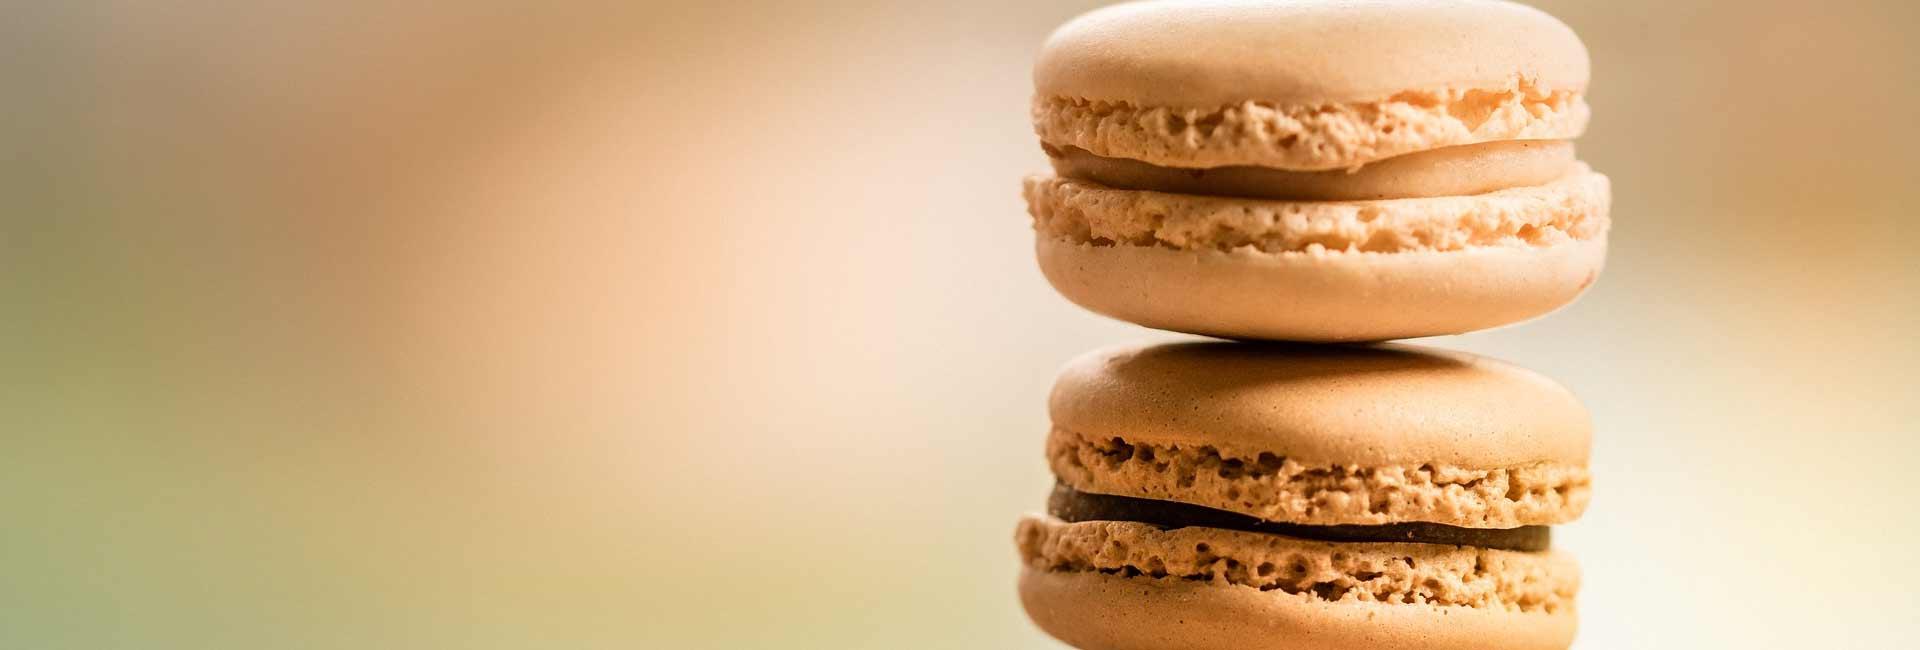 Unsere Cookies Richtlinien